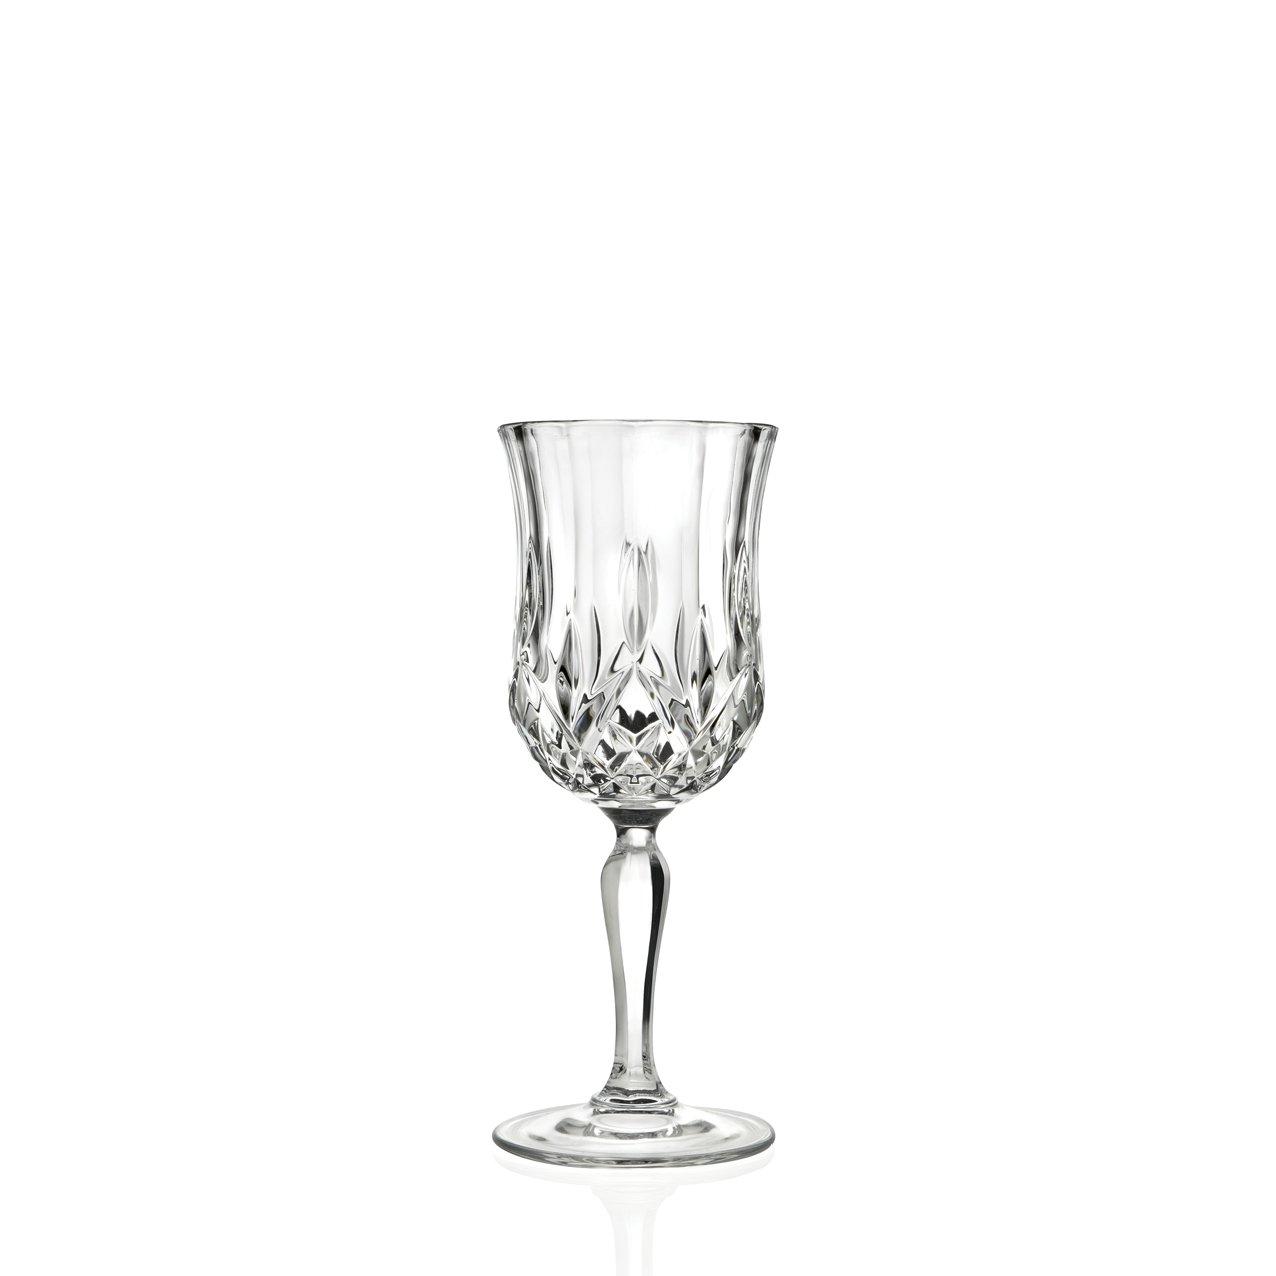 RCR - Set de 6 verres 25606020006 25606020006_Trasparente